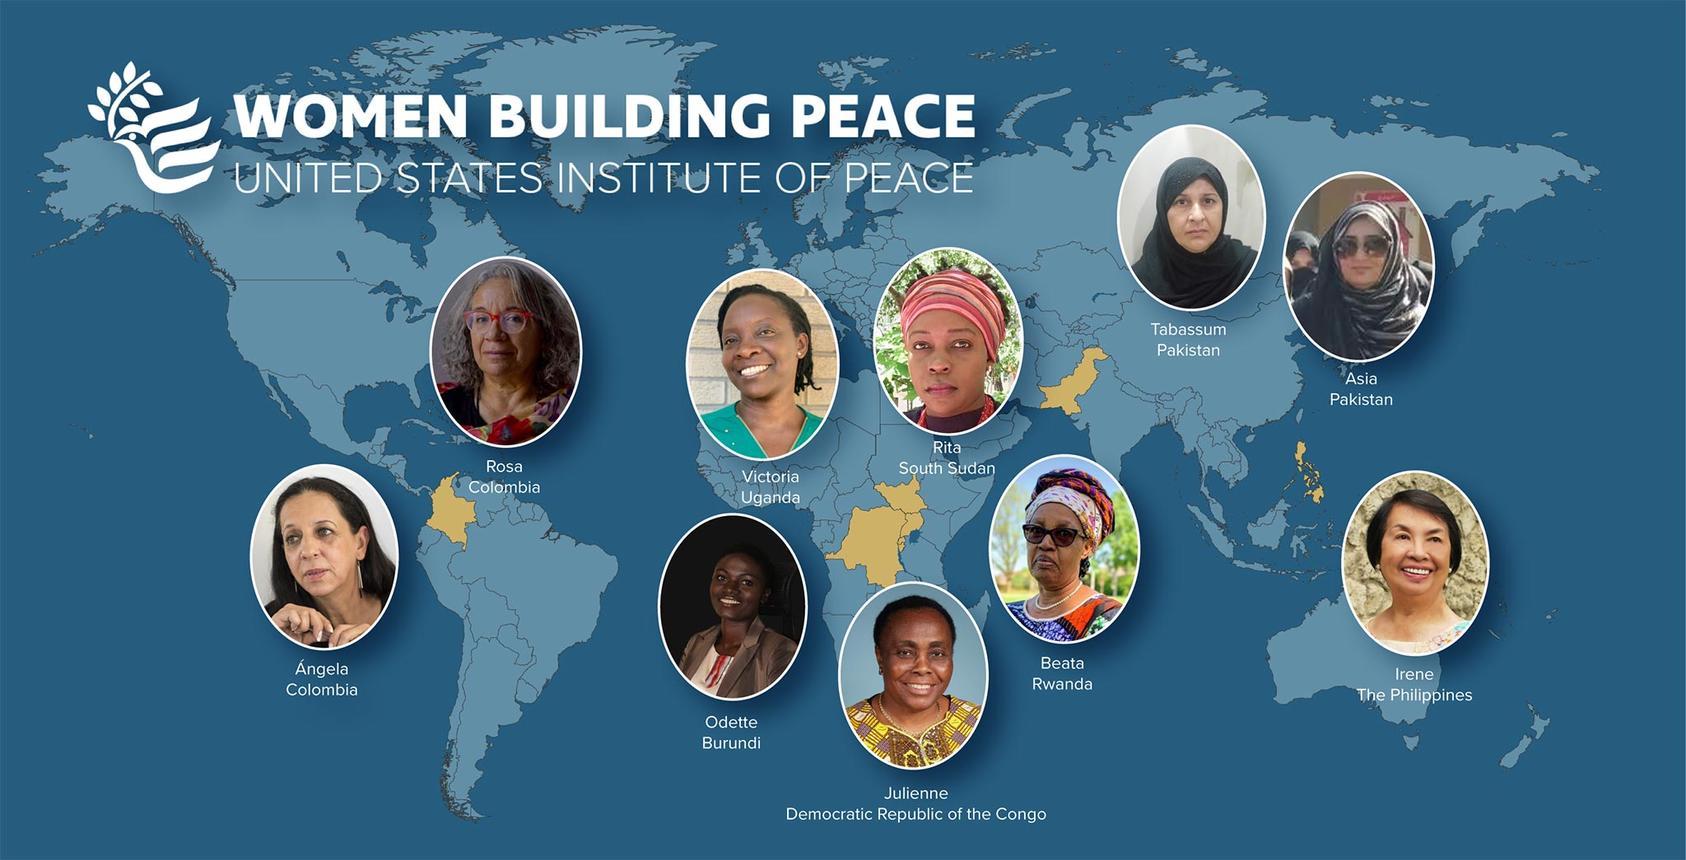 U.S. Institute of Peace (USIP) Women Building Peace Award 2021 ($10,000 prize)